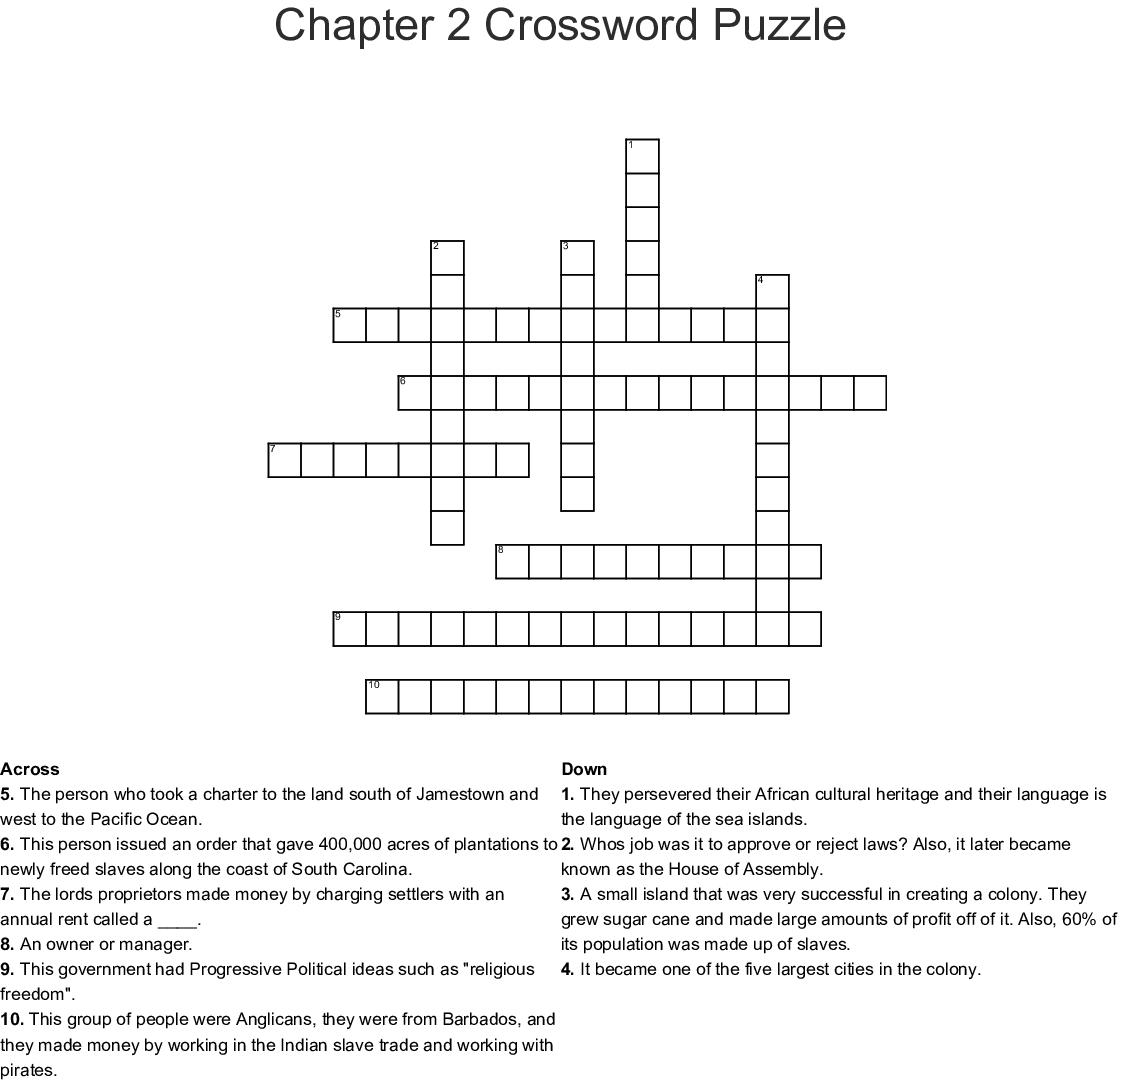 Chapter 2 Crossword Puzzle - WordMint